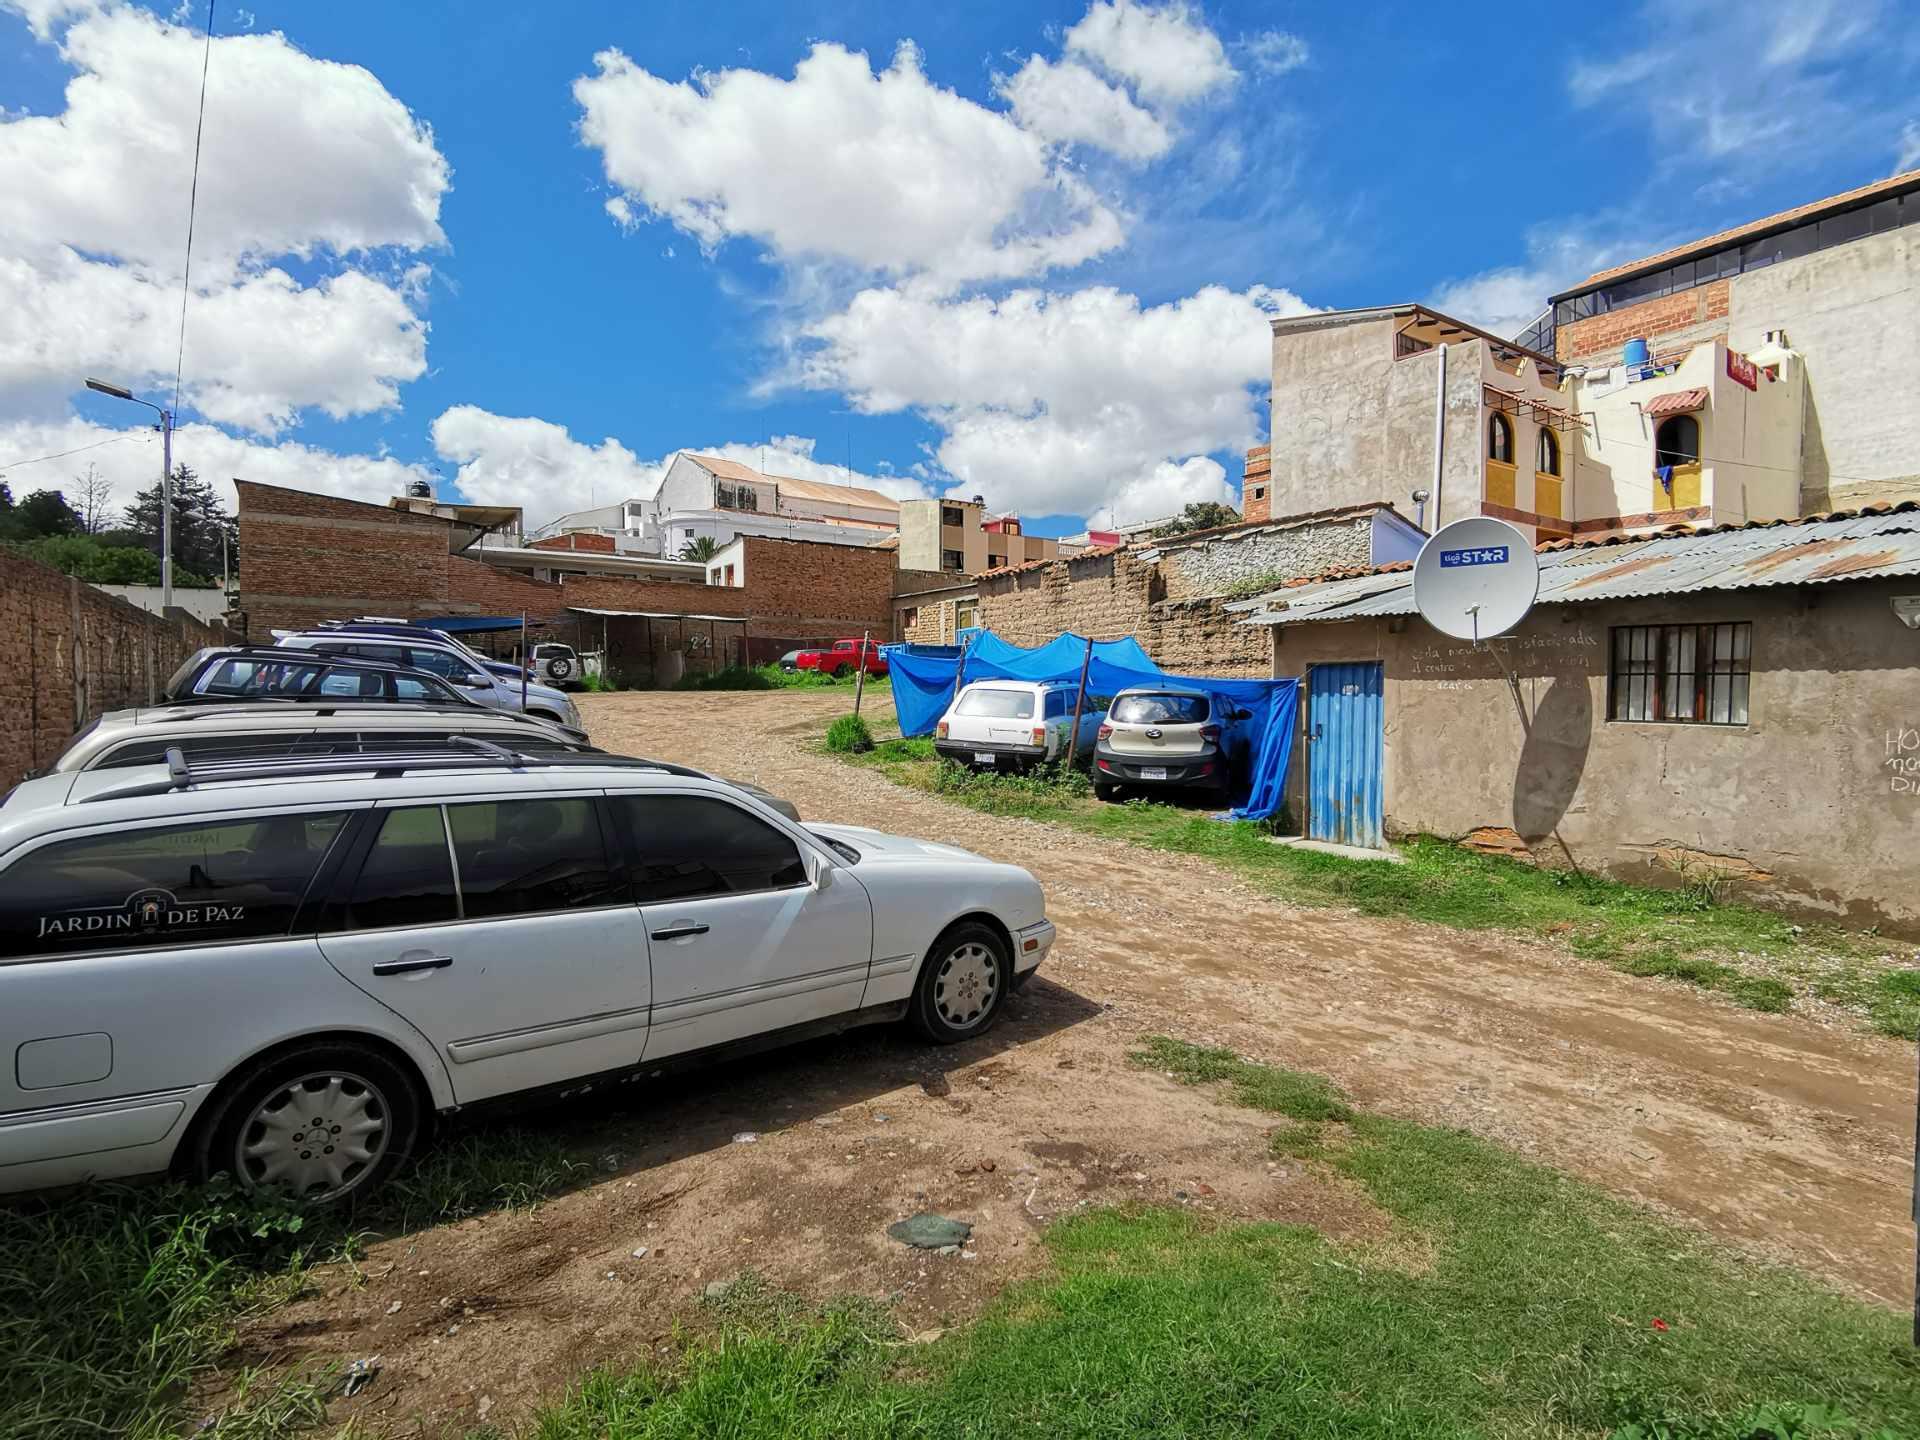 Terreno en Venta Zona Central. Calle Ayacucho nro. 437 Foto 4